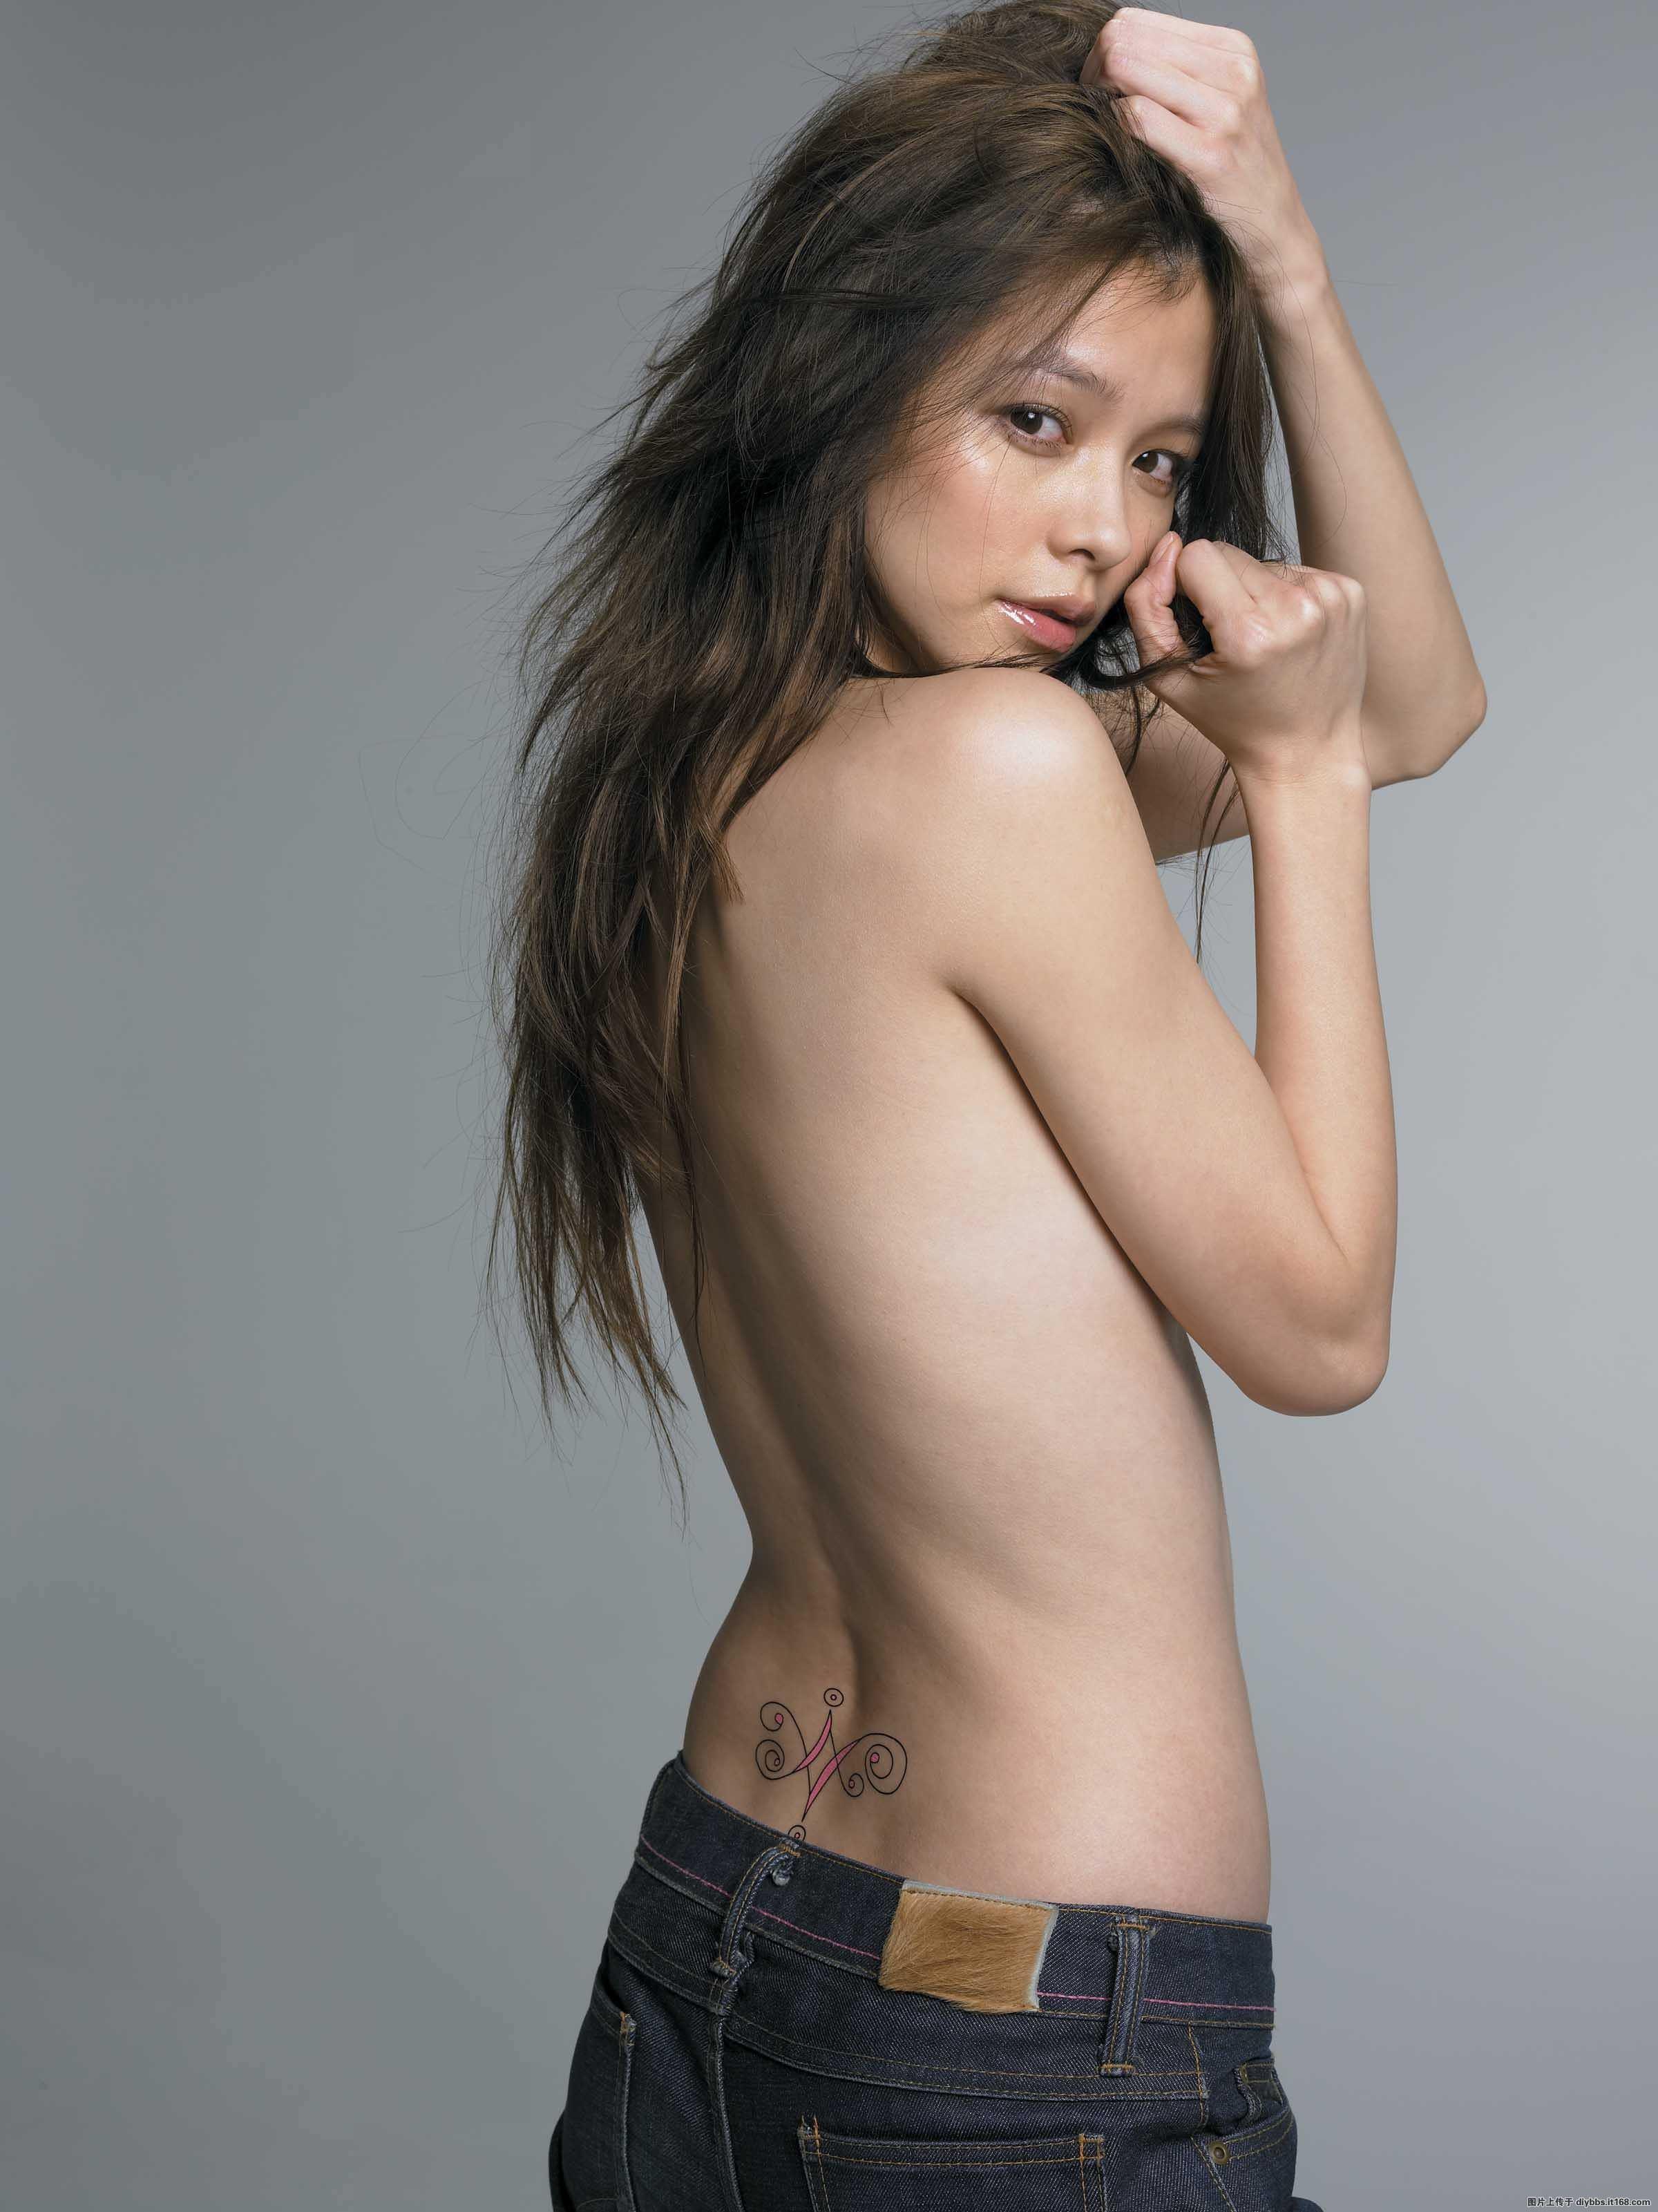 【外人】台湾人のビビアン・スーが歳取ってもめっちゃ可愛いヘアヌードポルノ画像 1905